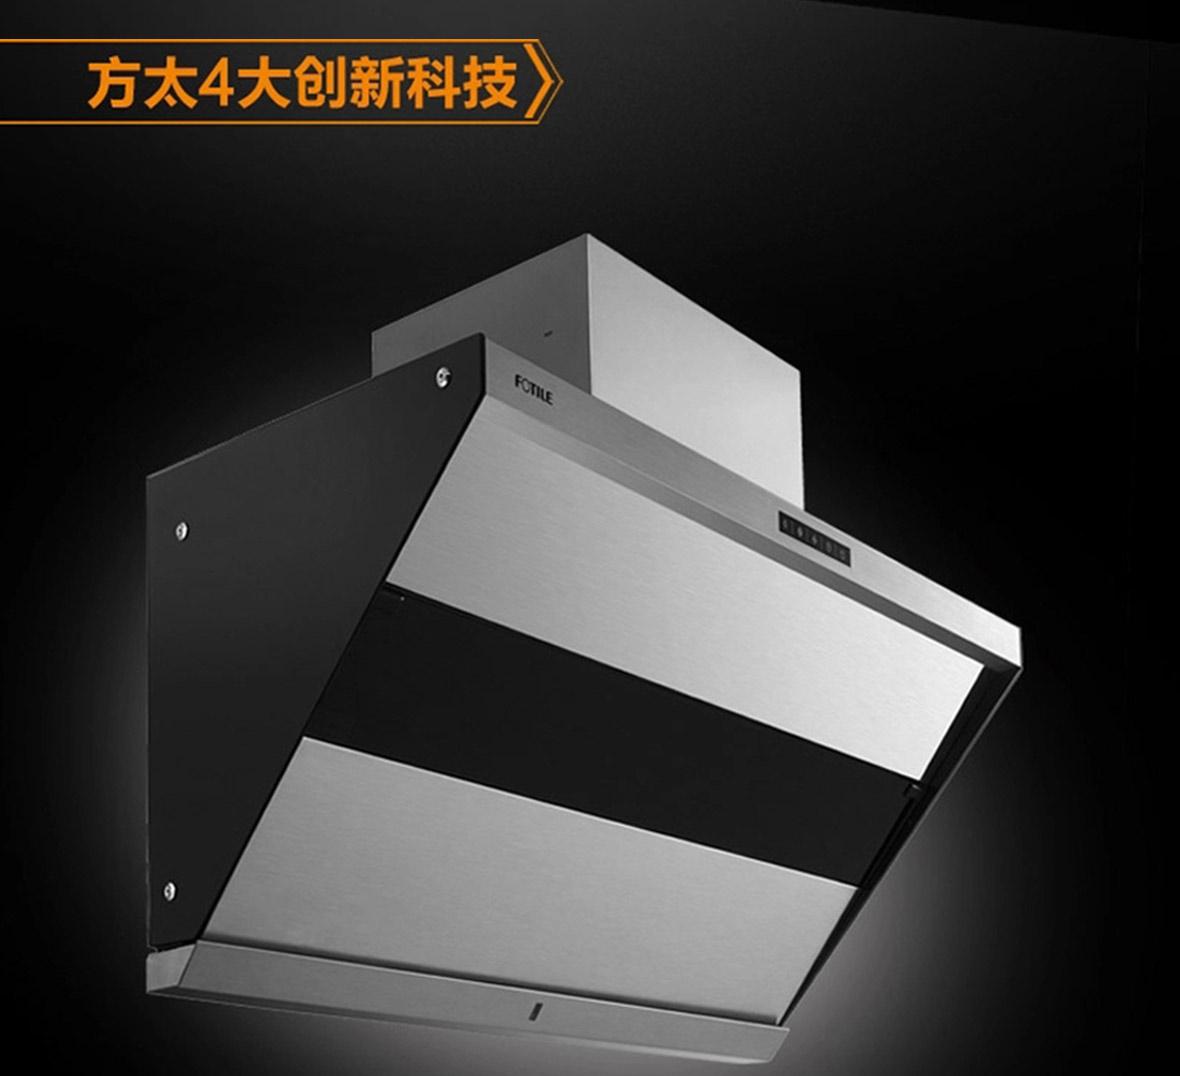 方太烟机 侧吸式 CXW-200-JQ03T型号 高端风魔方